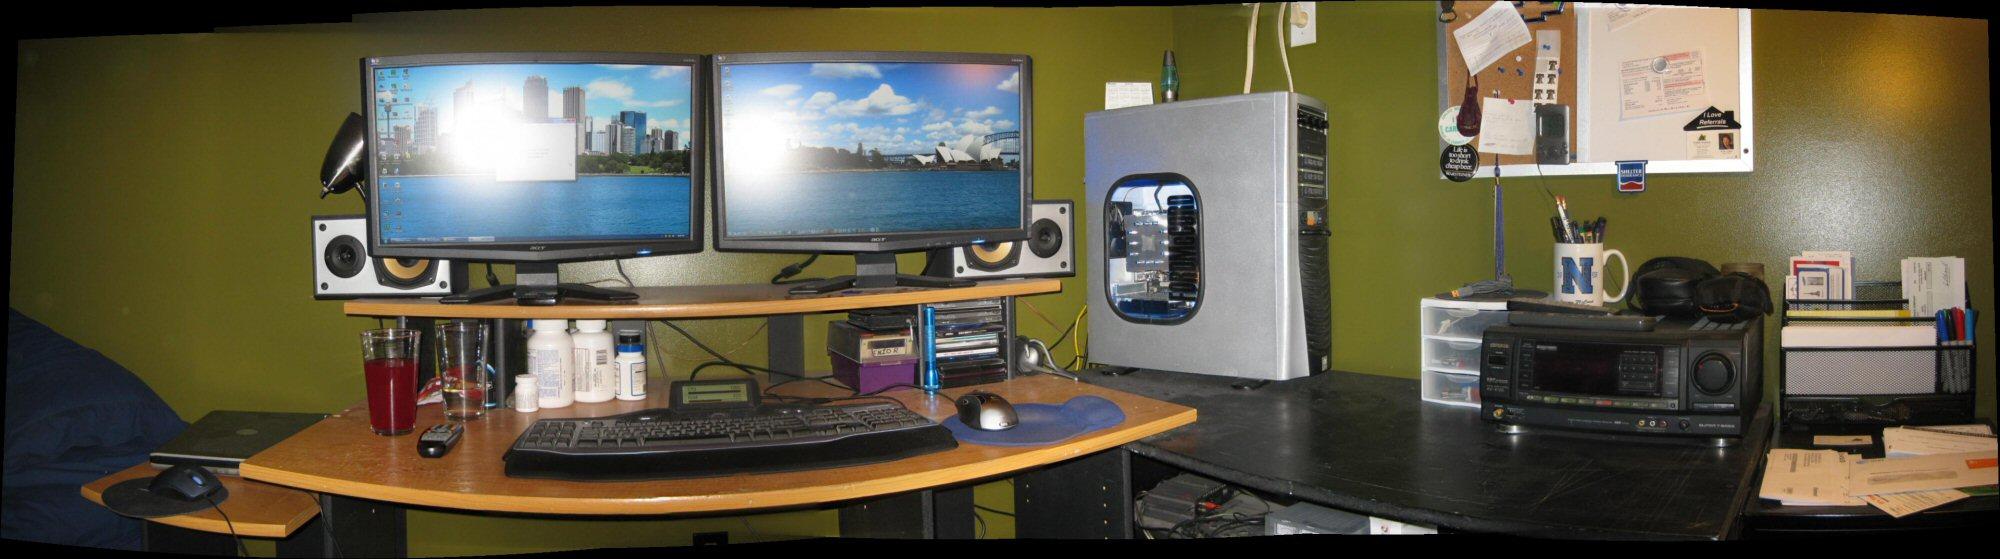 computer_setup.jpg